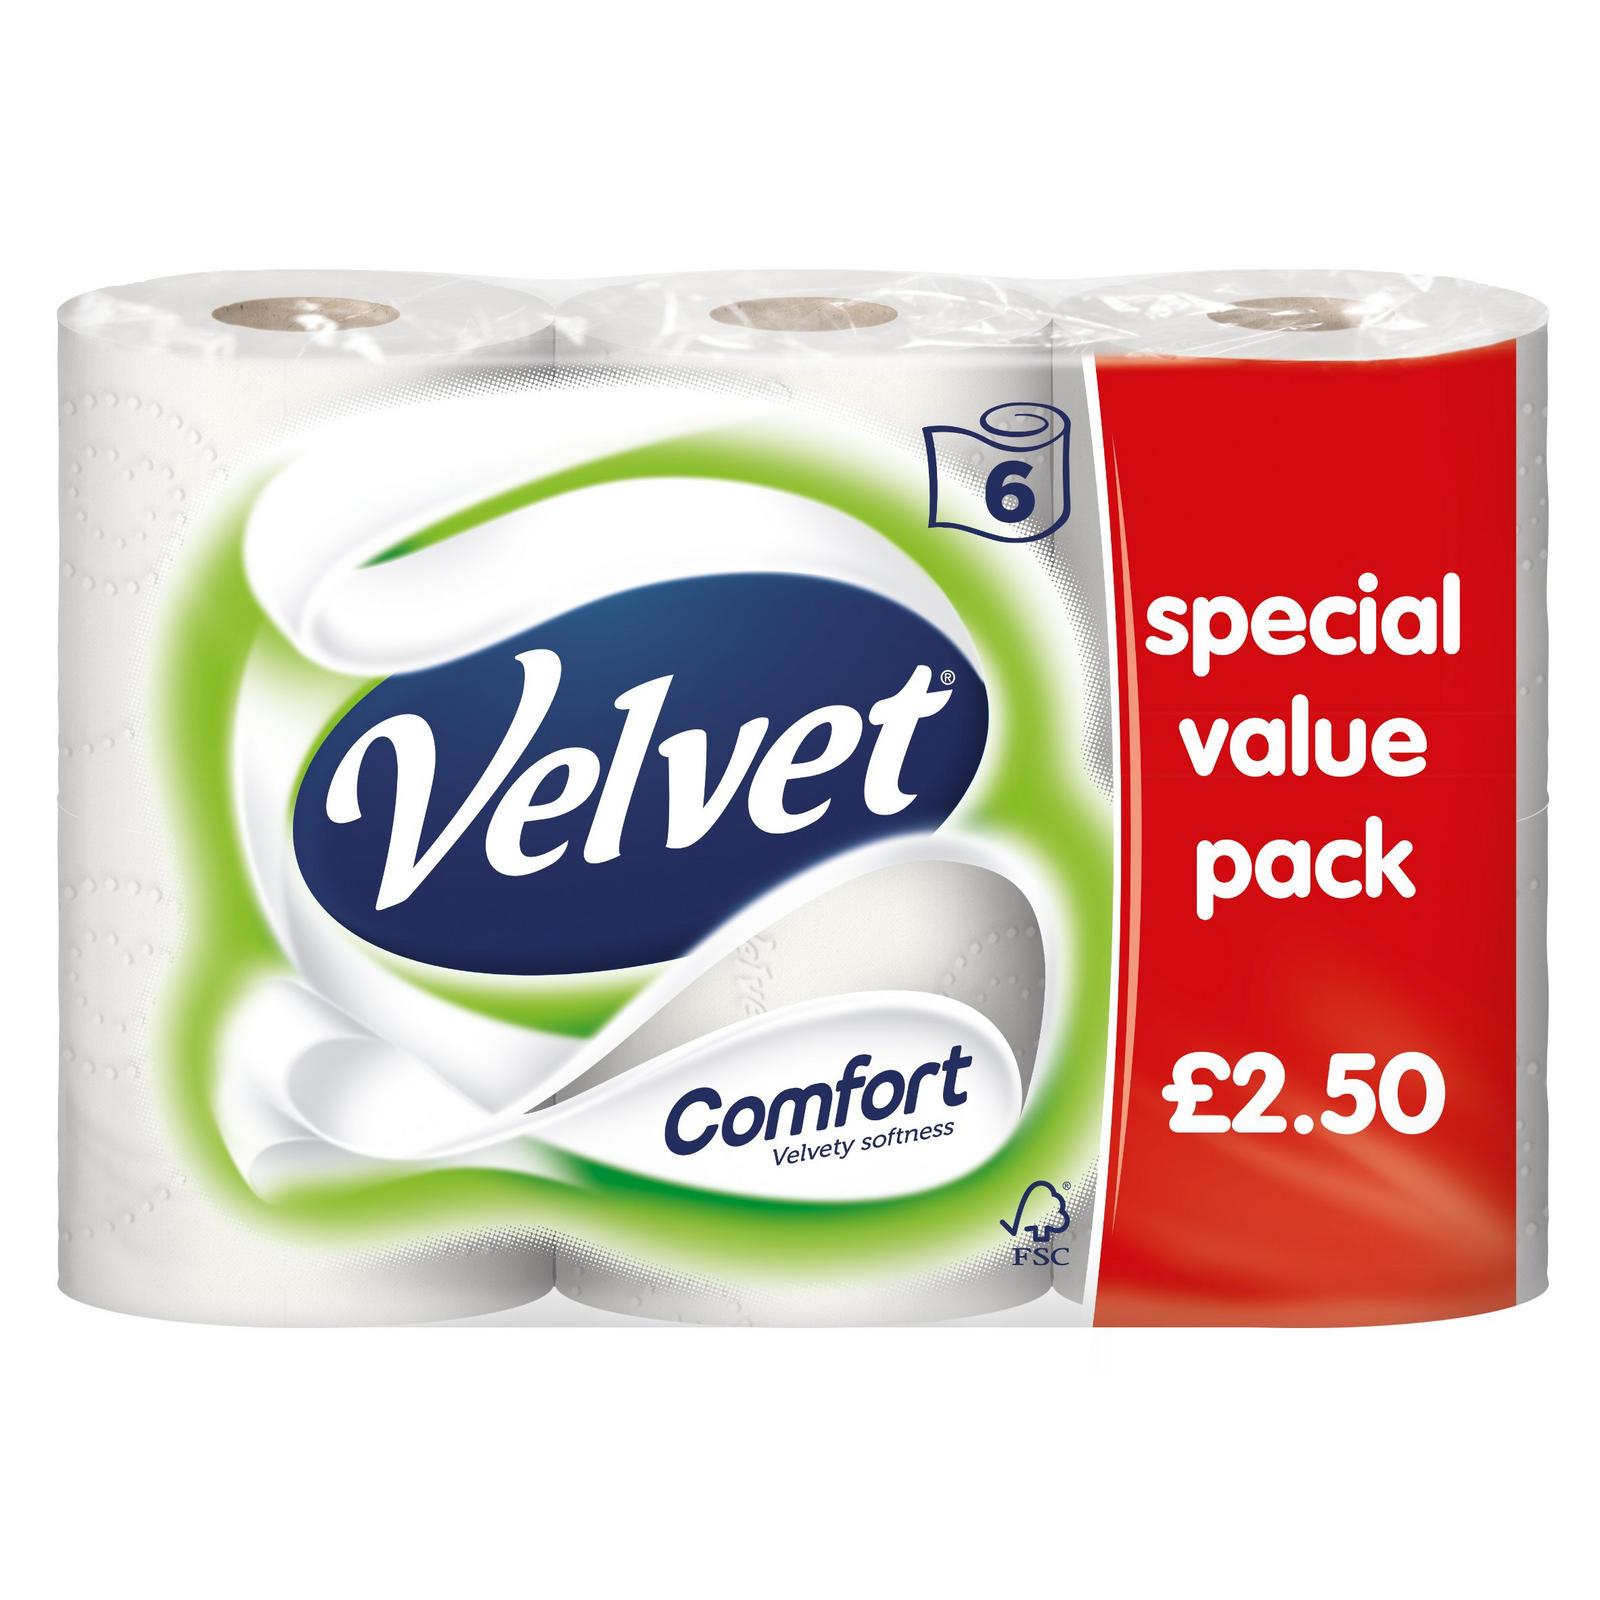 Velvet Comfort 6 Toilet Rolls Only £2 at Iceland